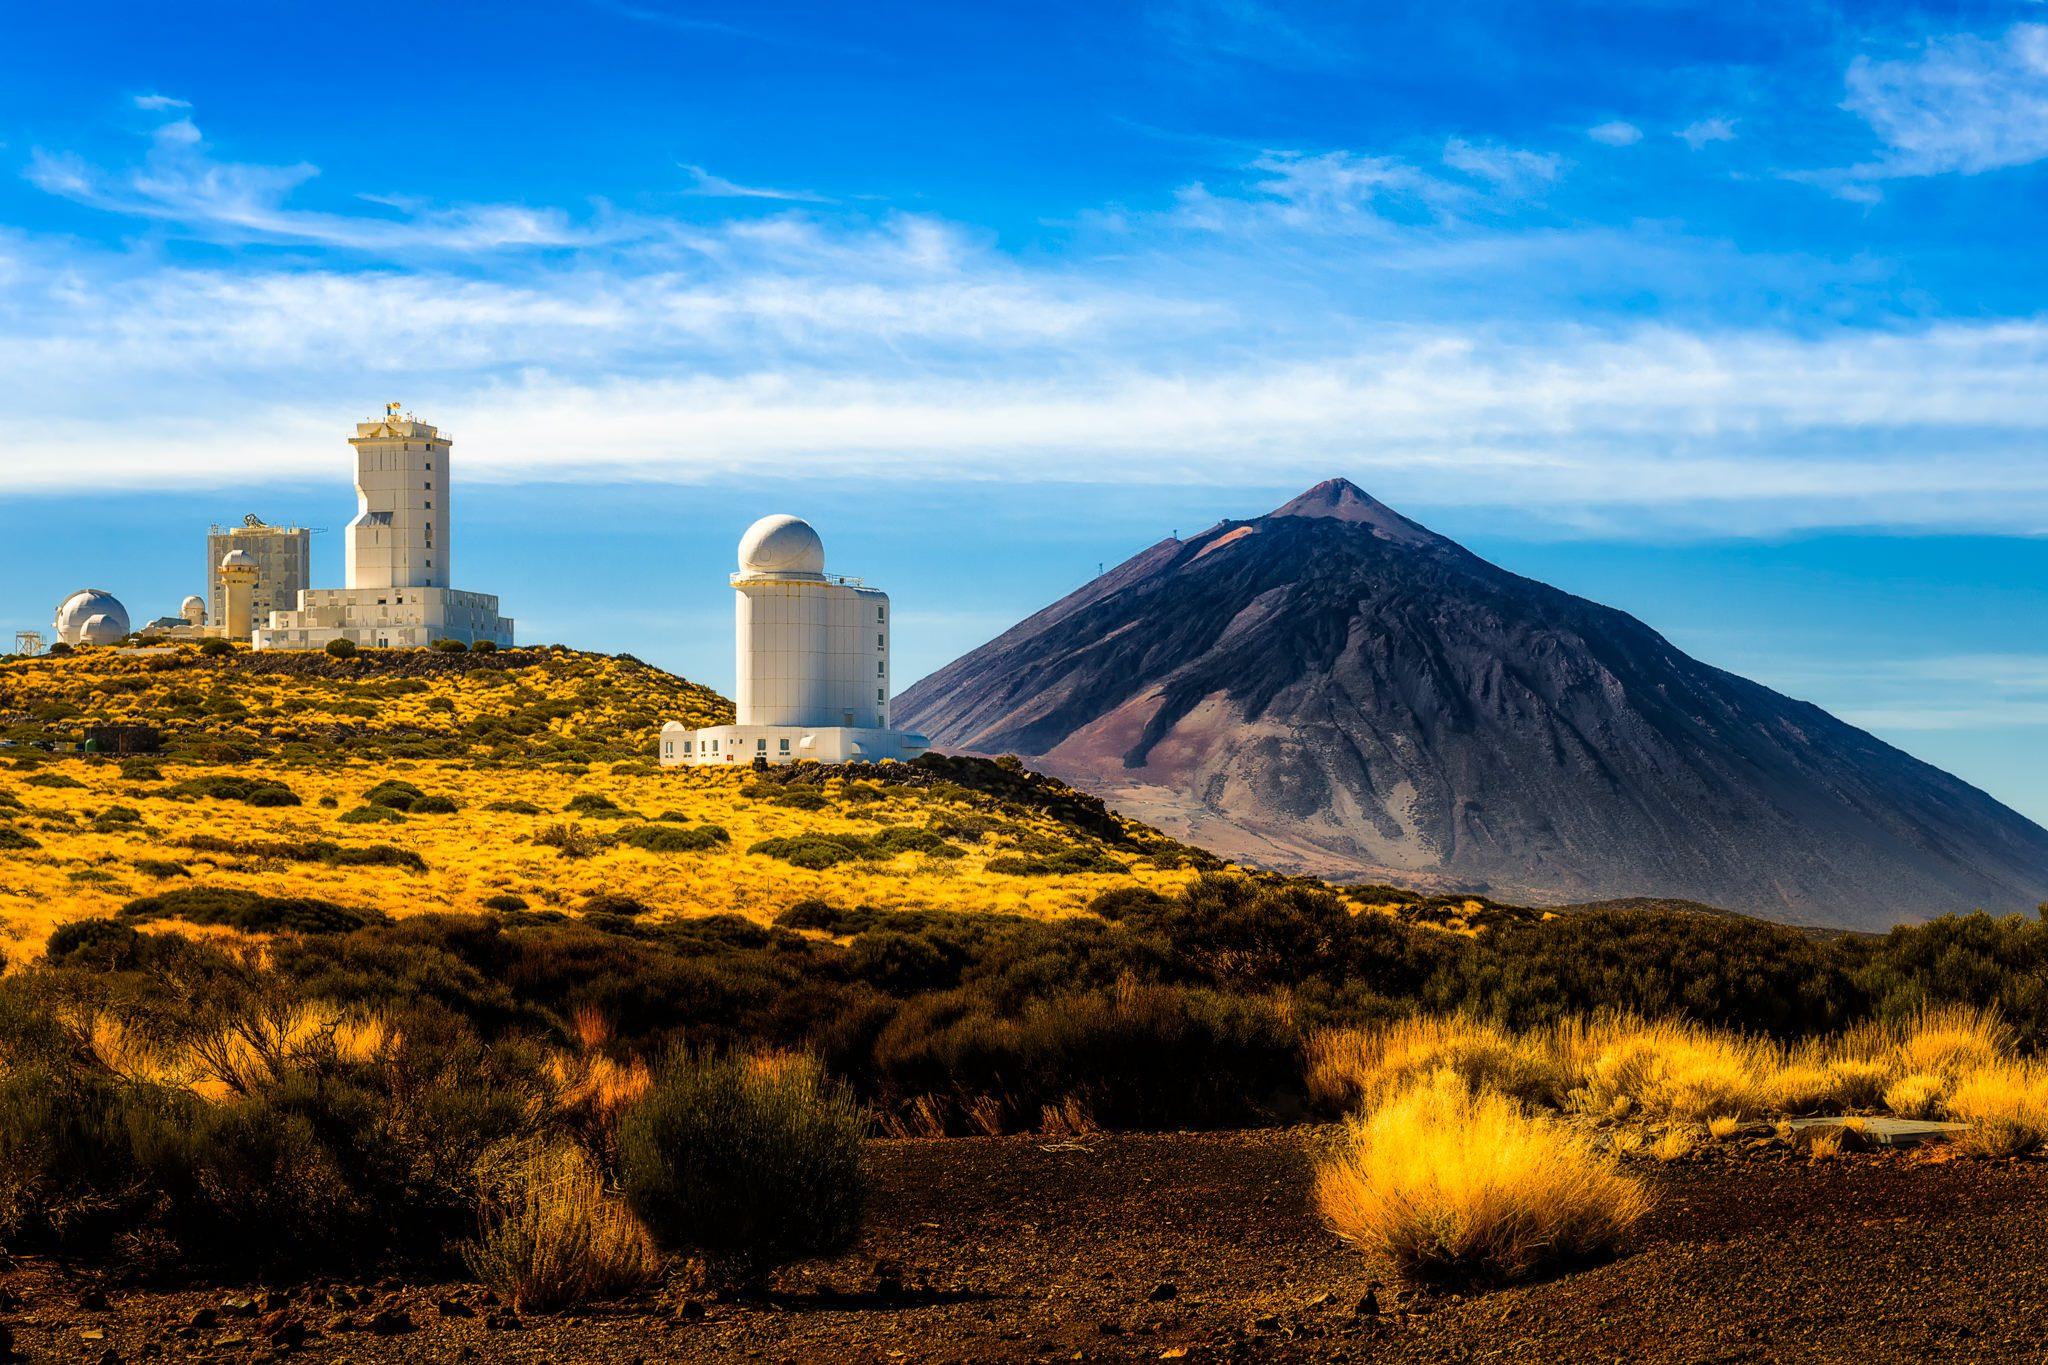 Teneriffa Teide-Observatorium an einem sonnigen Tag, Spanien.